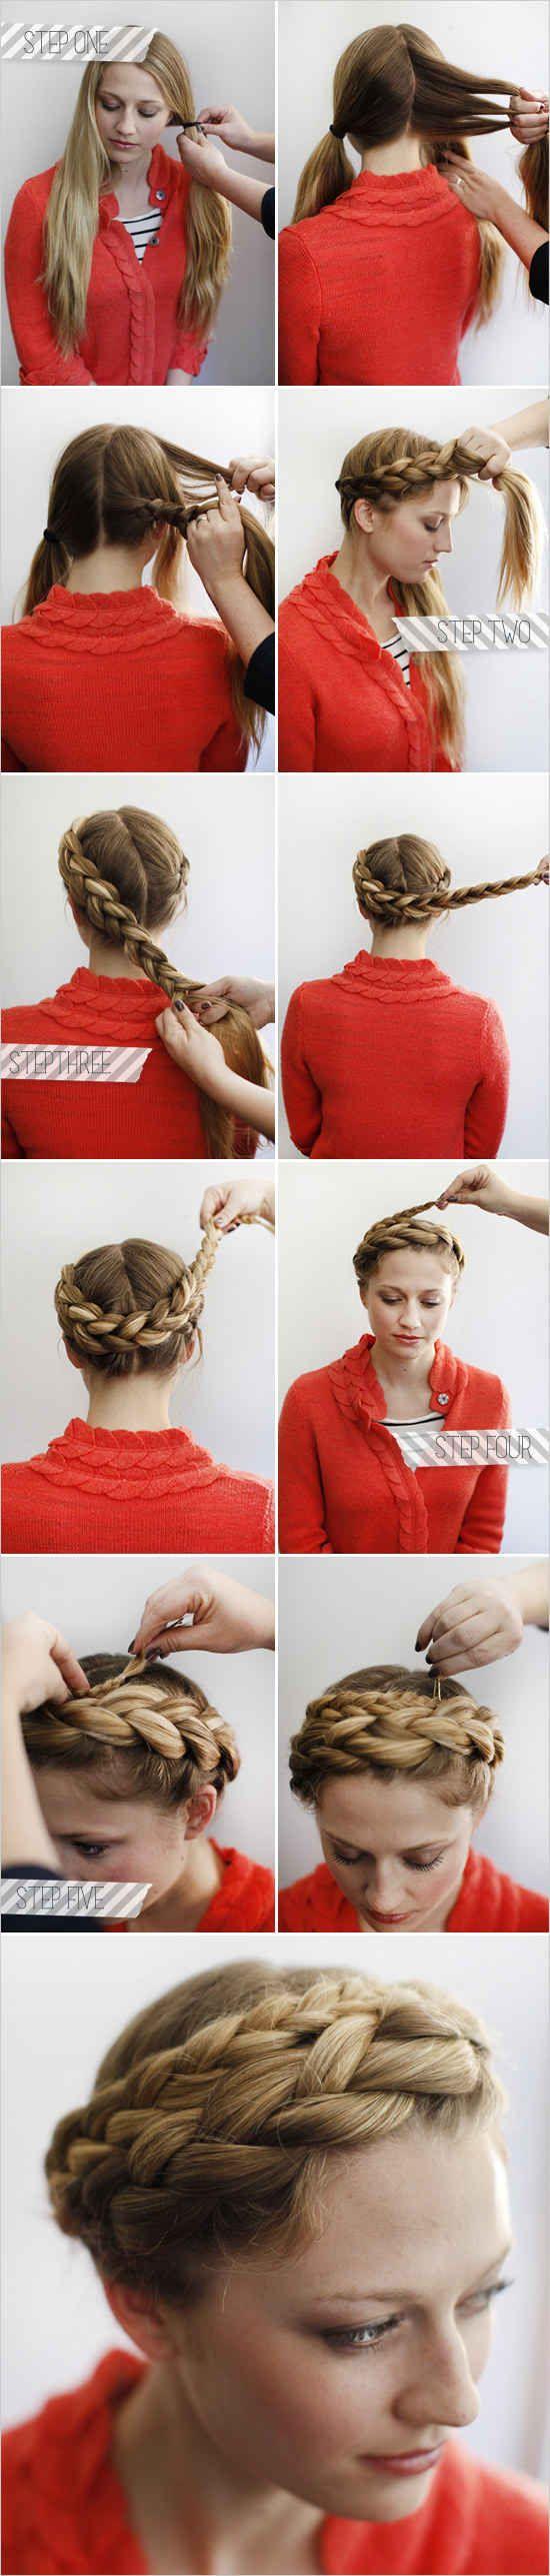 La corona de trenzas de Redux | 23 tutoriales creativos para hacer trenzas que son engañosamente fáciles